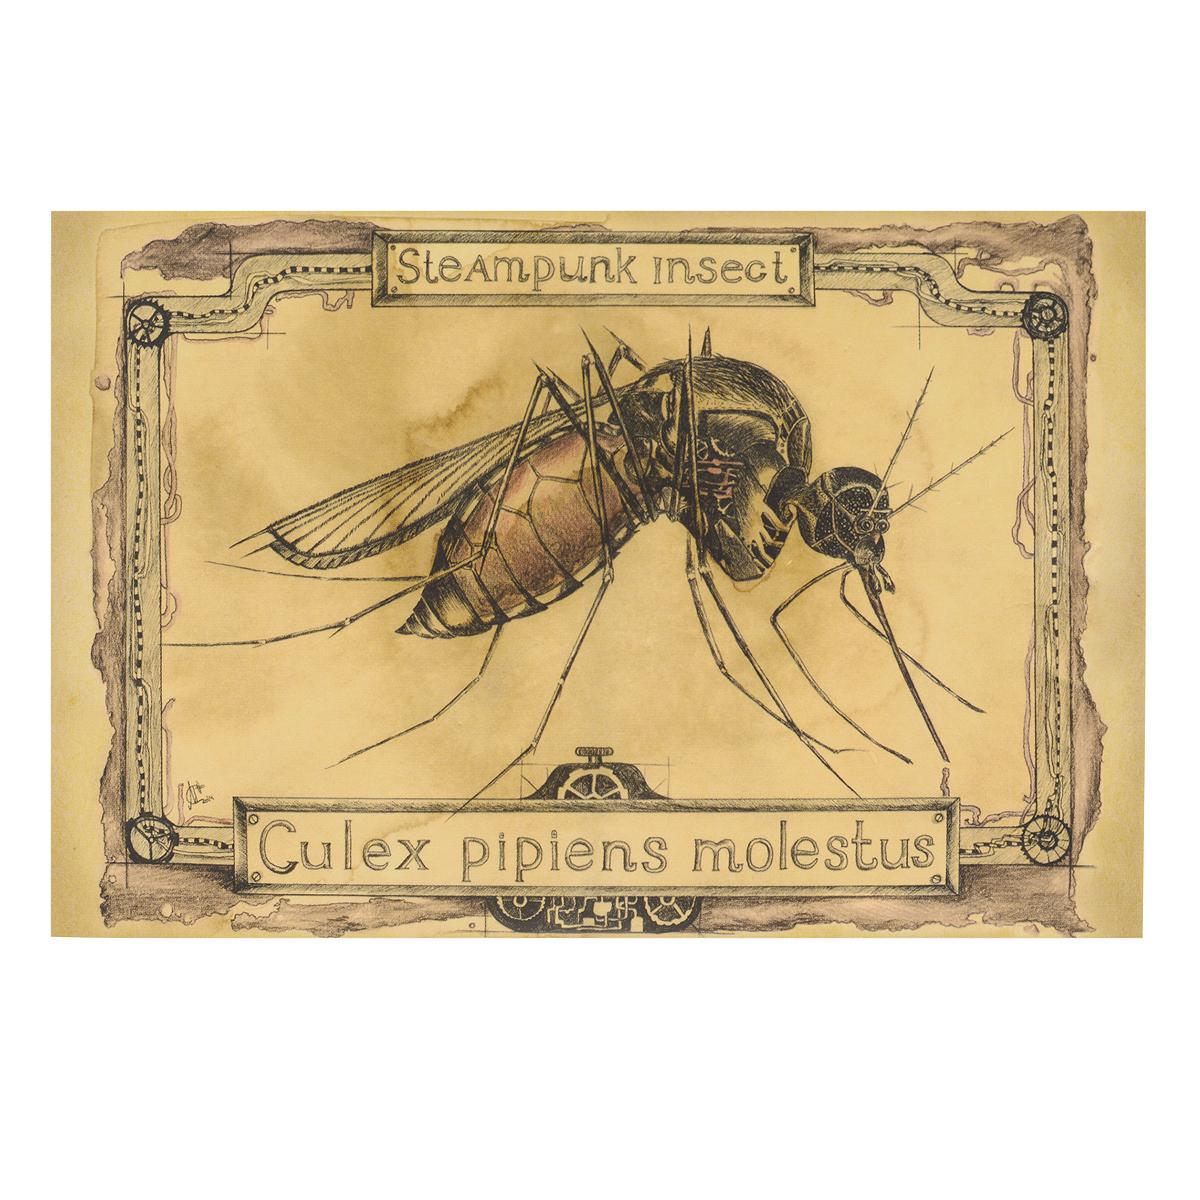 Открытка Steampunk Insect. Комар. Автор Мария СкородумоваБрелок для ключейОригинальная дизайнерская открытка Комар из серии Steampunk Insect выполнена из плотного матового картона. На лицевой стороне расположена репродукция картины художницы Марии Скородумовой.Такая открытка станет великолепным дополнением к подарку или оригинальным почтовым посланием, которое, несомненно, удивит получателя своим дизайном и подарит приятные воспоминания.